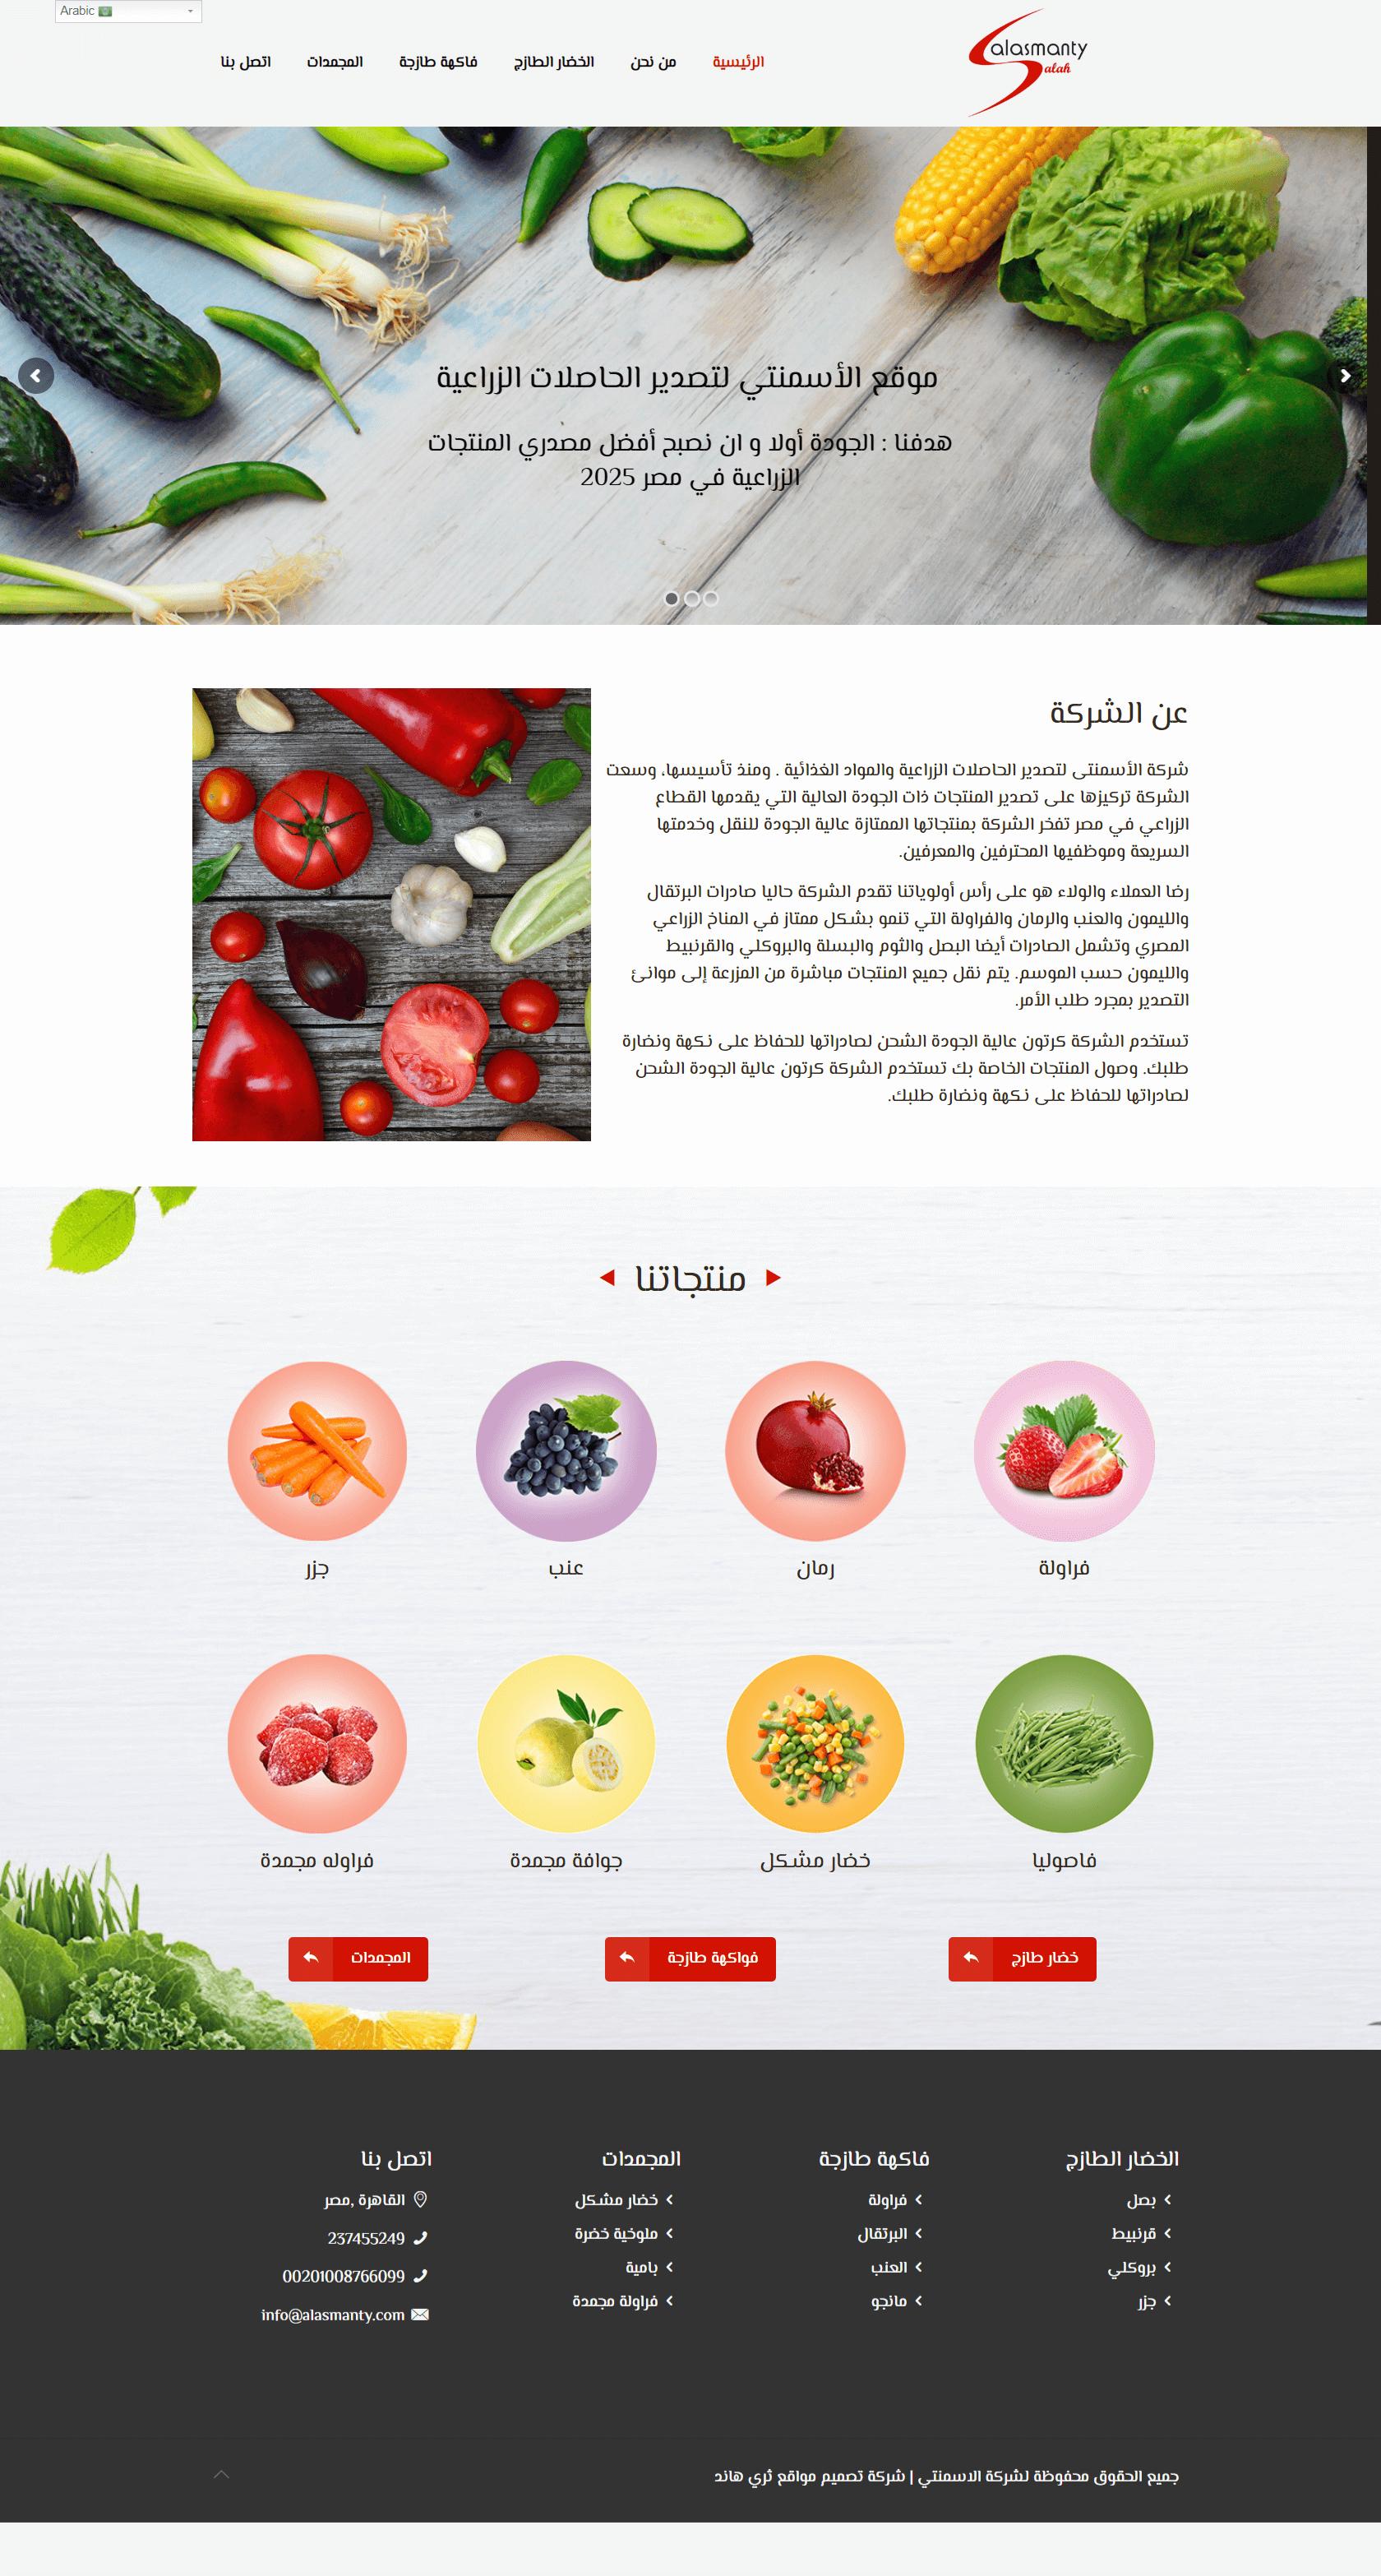 شركة الأسمنتي – لتصدير الحاصلات الزراعية (2)